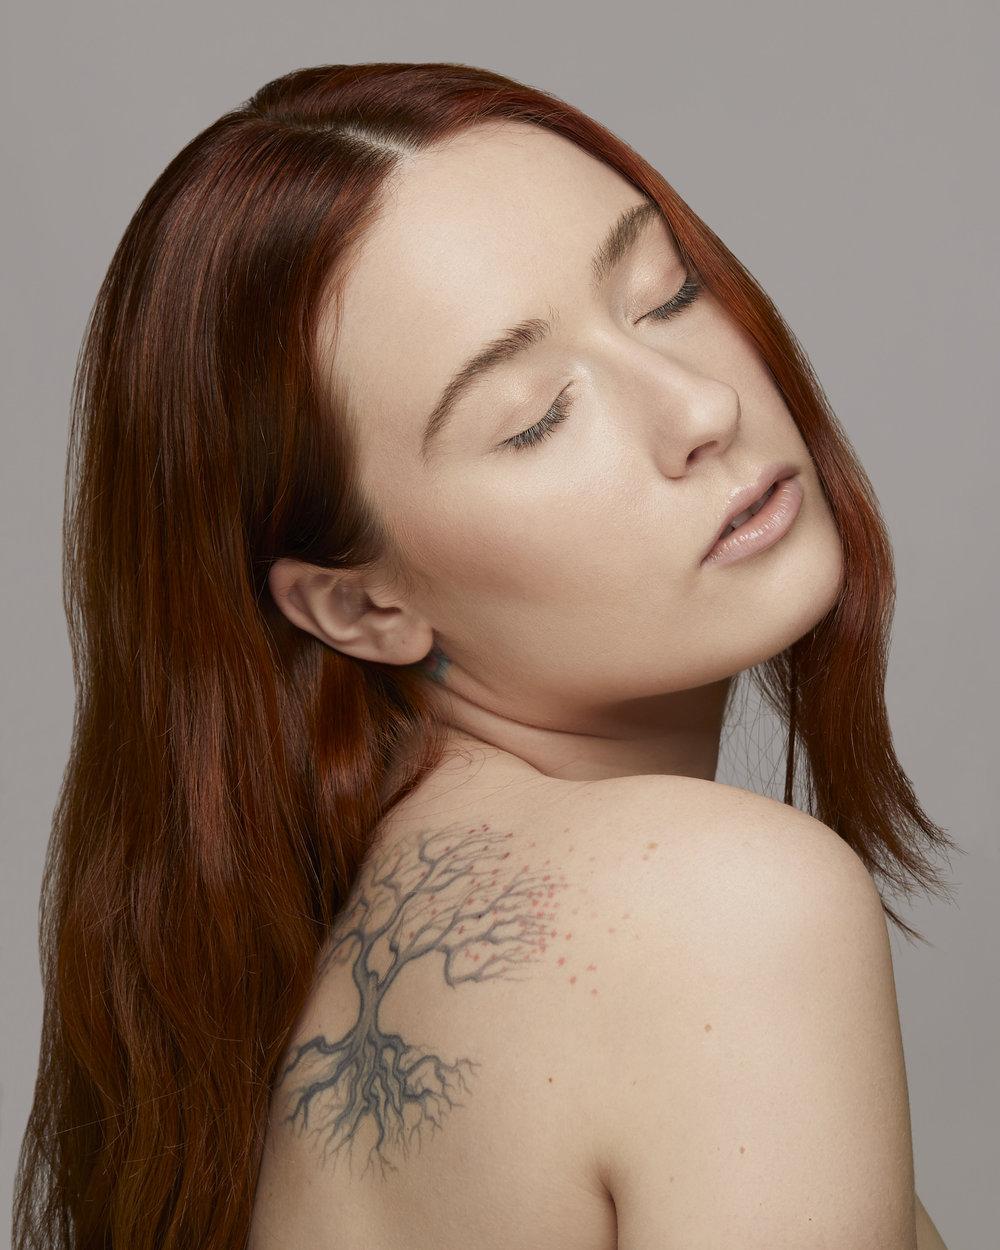 Jessica Cady_2018-11-22_0133_2048px_AdobeRGB.jpg